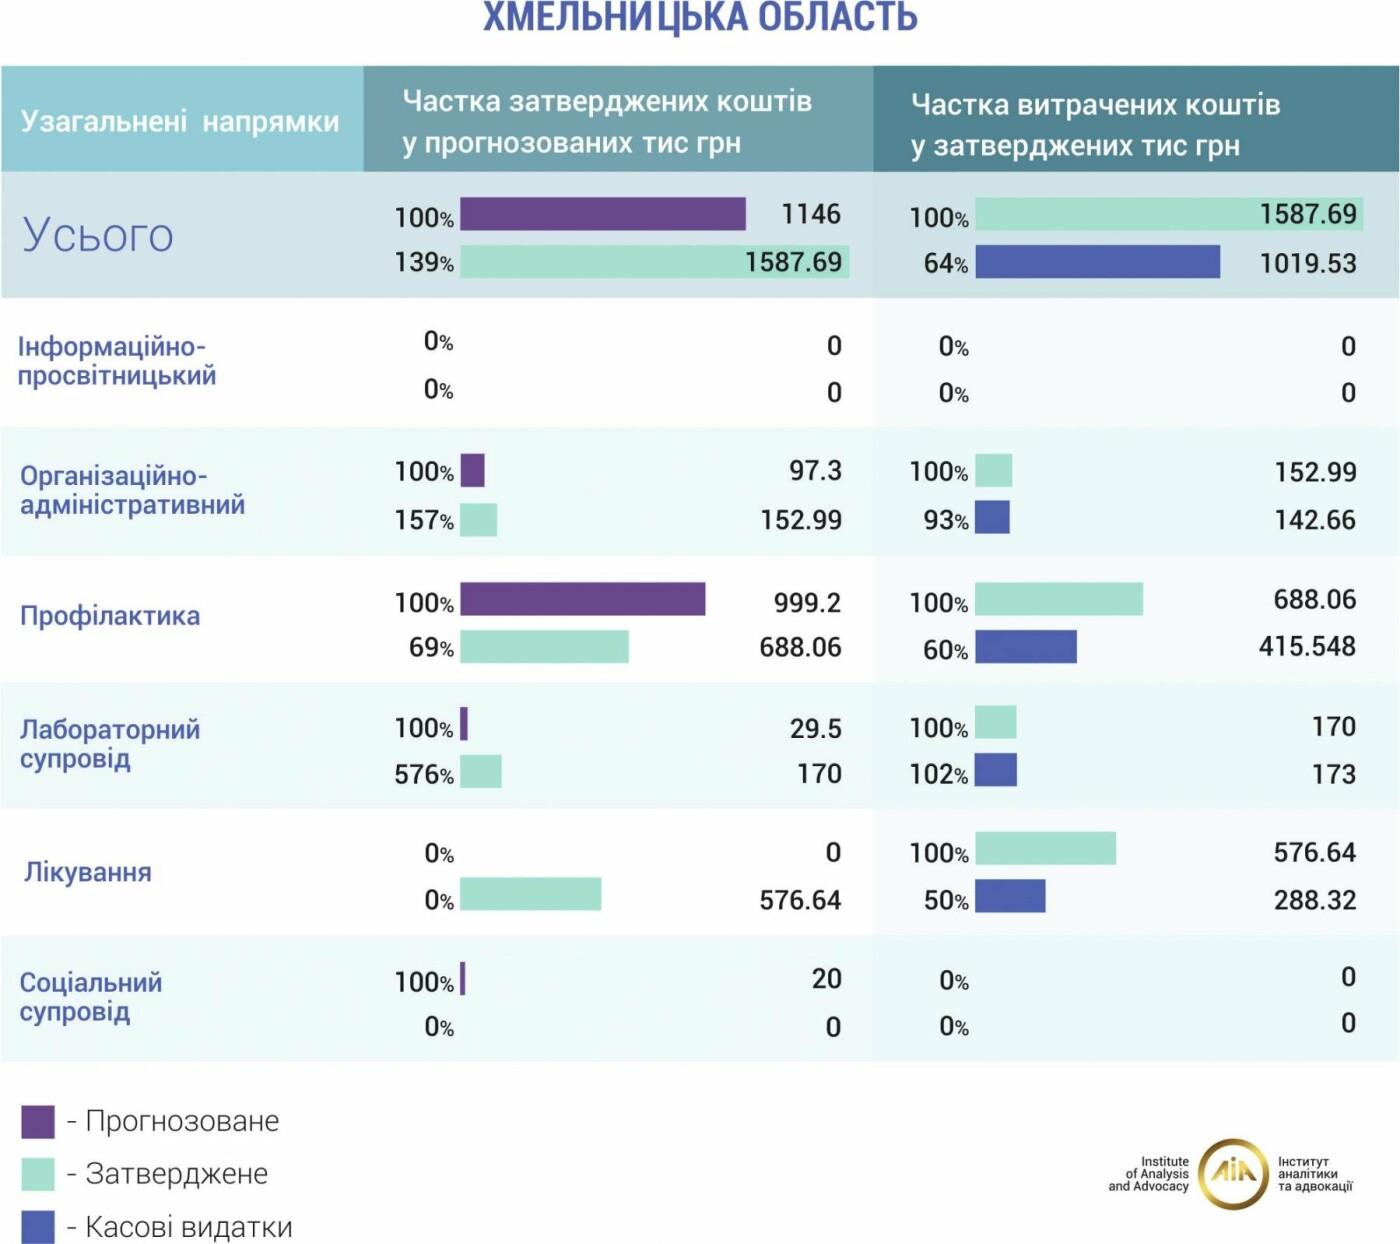 У Хмельницькій області вкотре перевиконують план боротьби зі СНІДом, фото-1